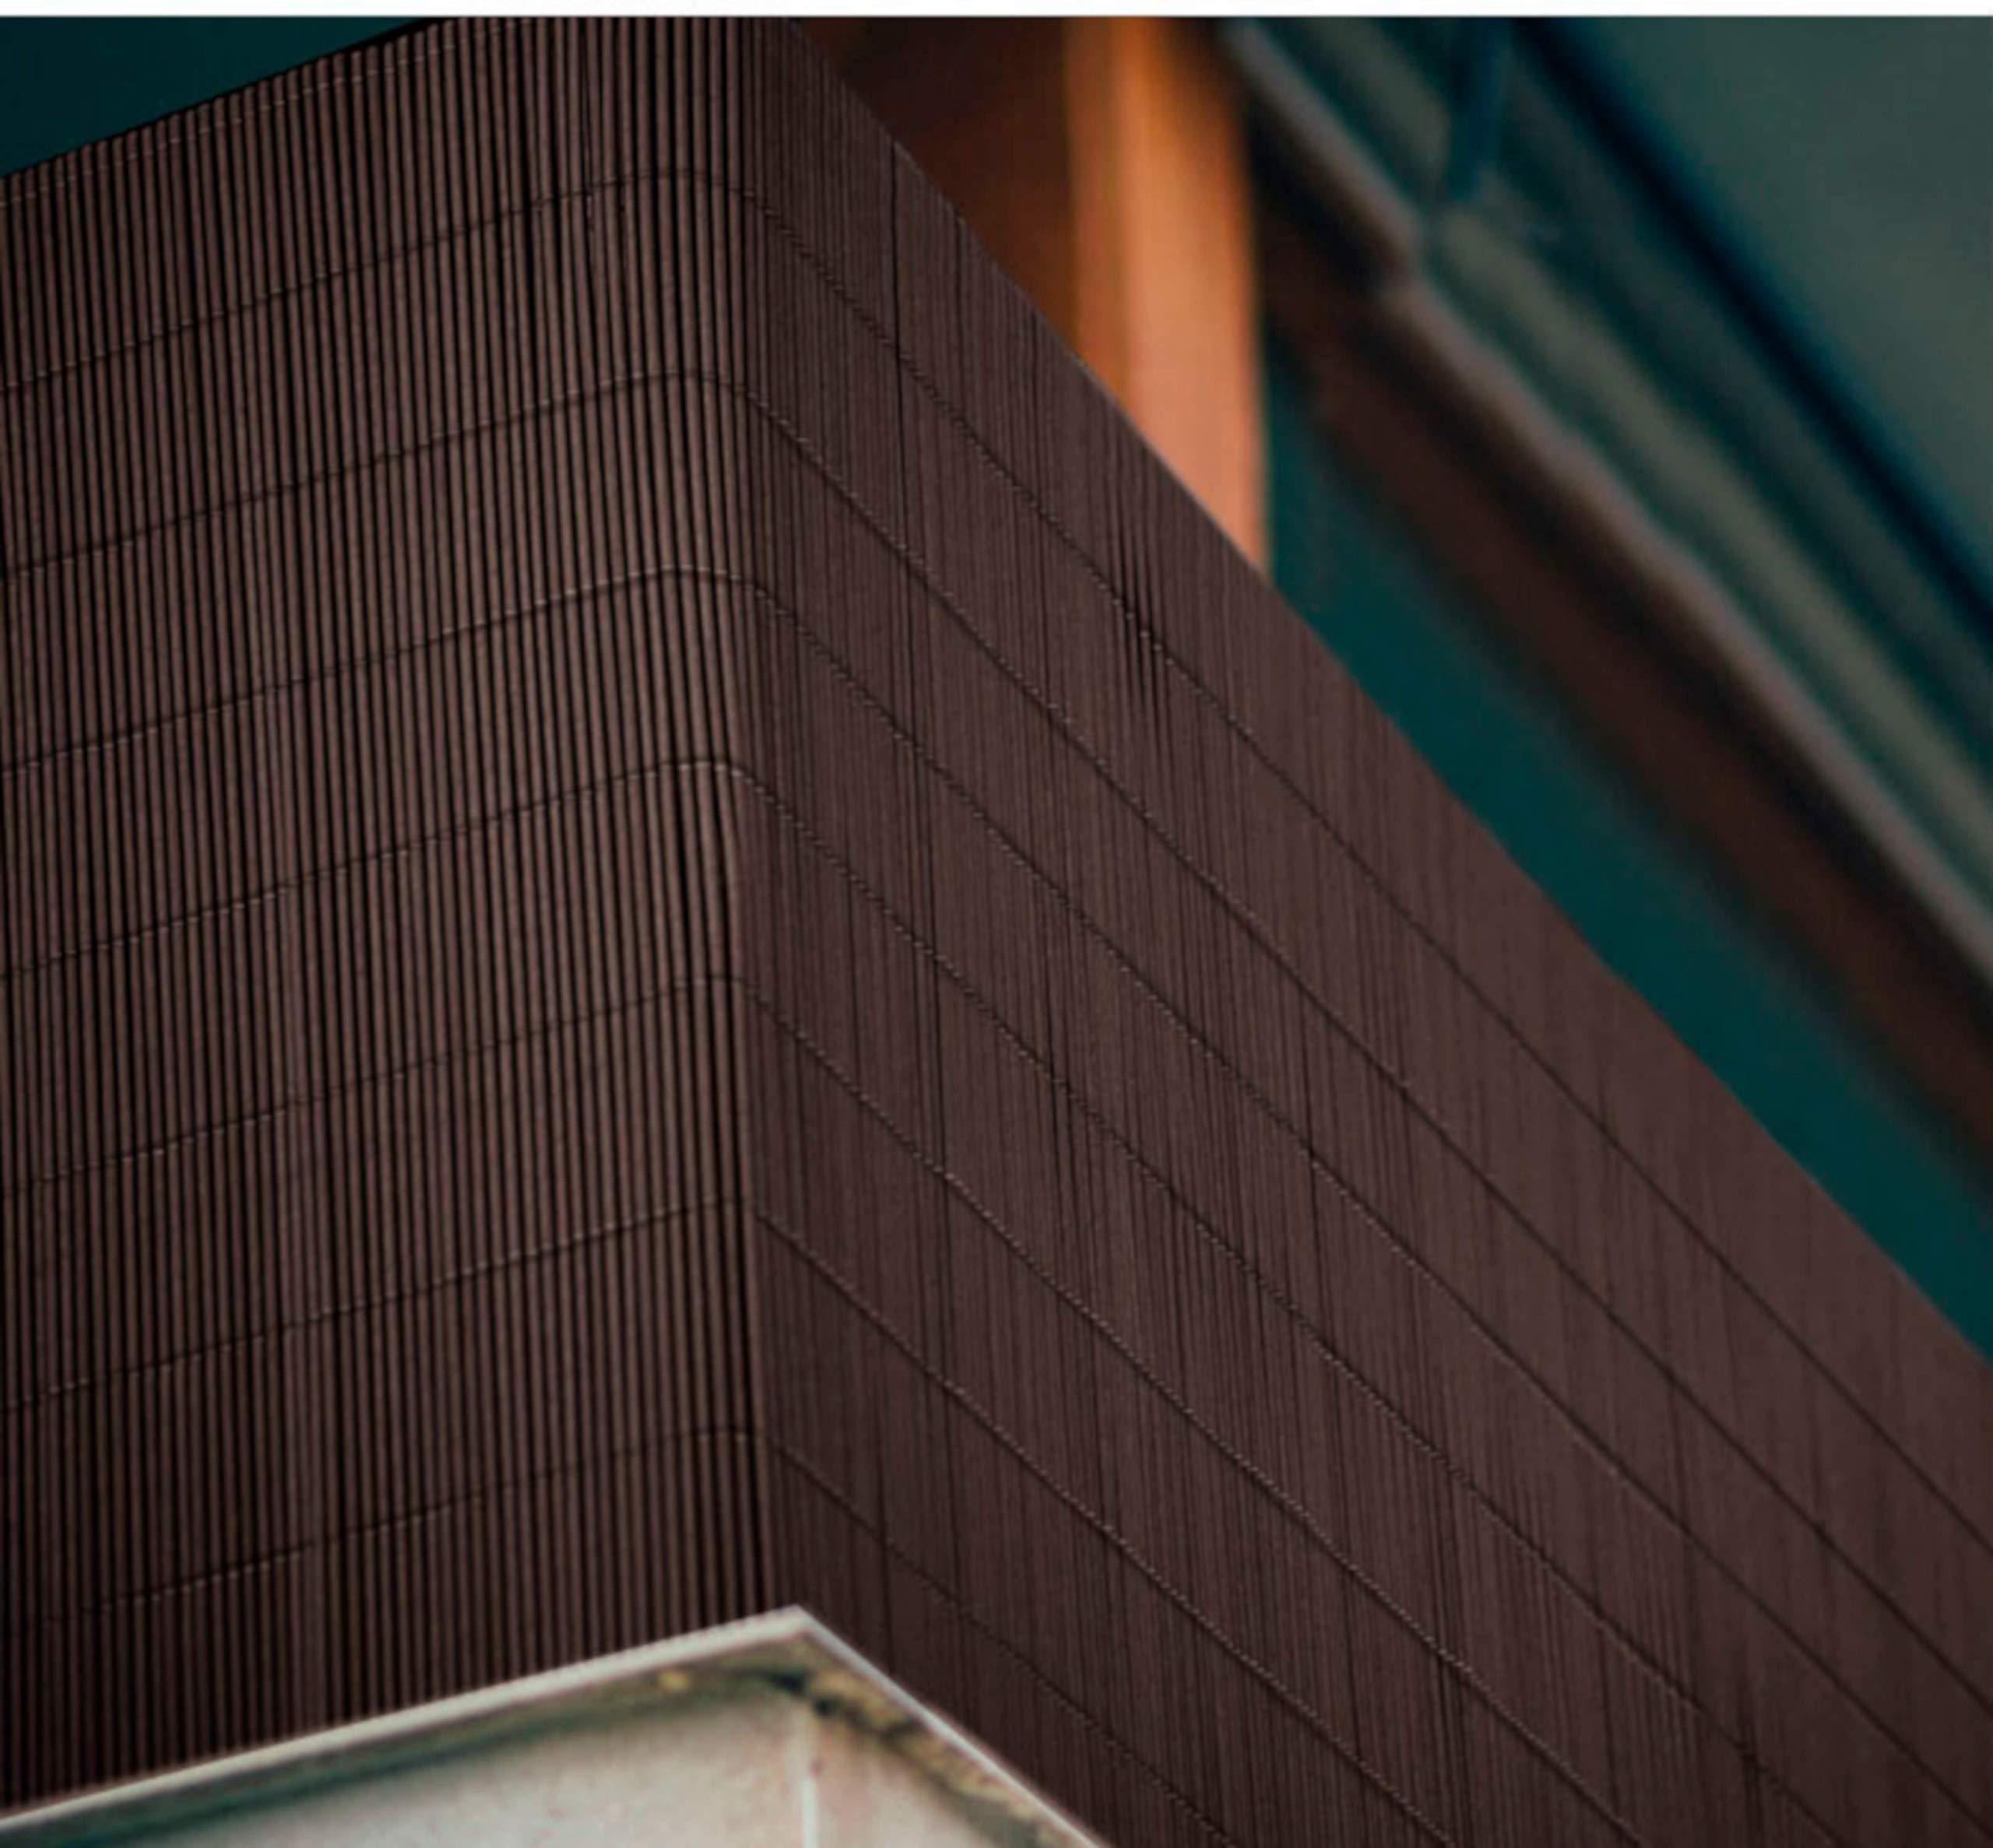 Comercial Candela CAÑIZO PVC Marron Ovalado 1X3 Metros: Amazon.es: Jardín